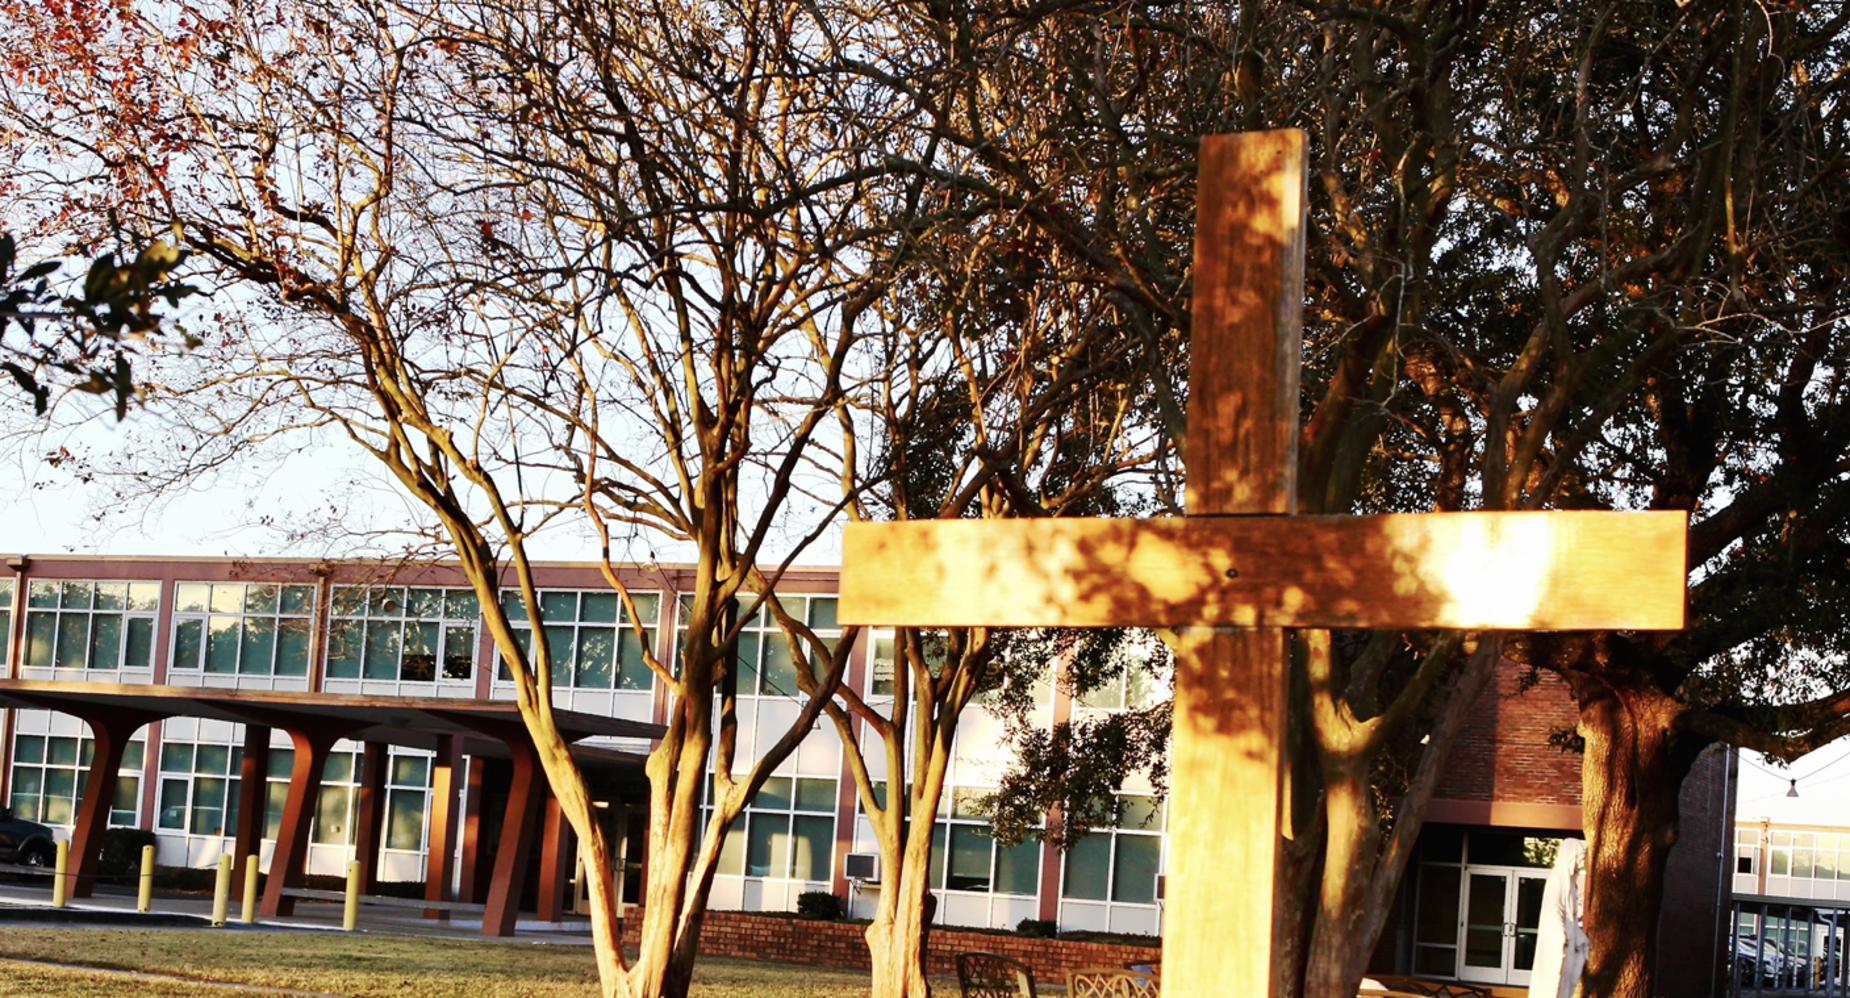 Cross and School Building